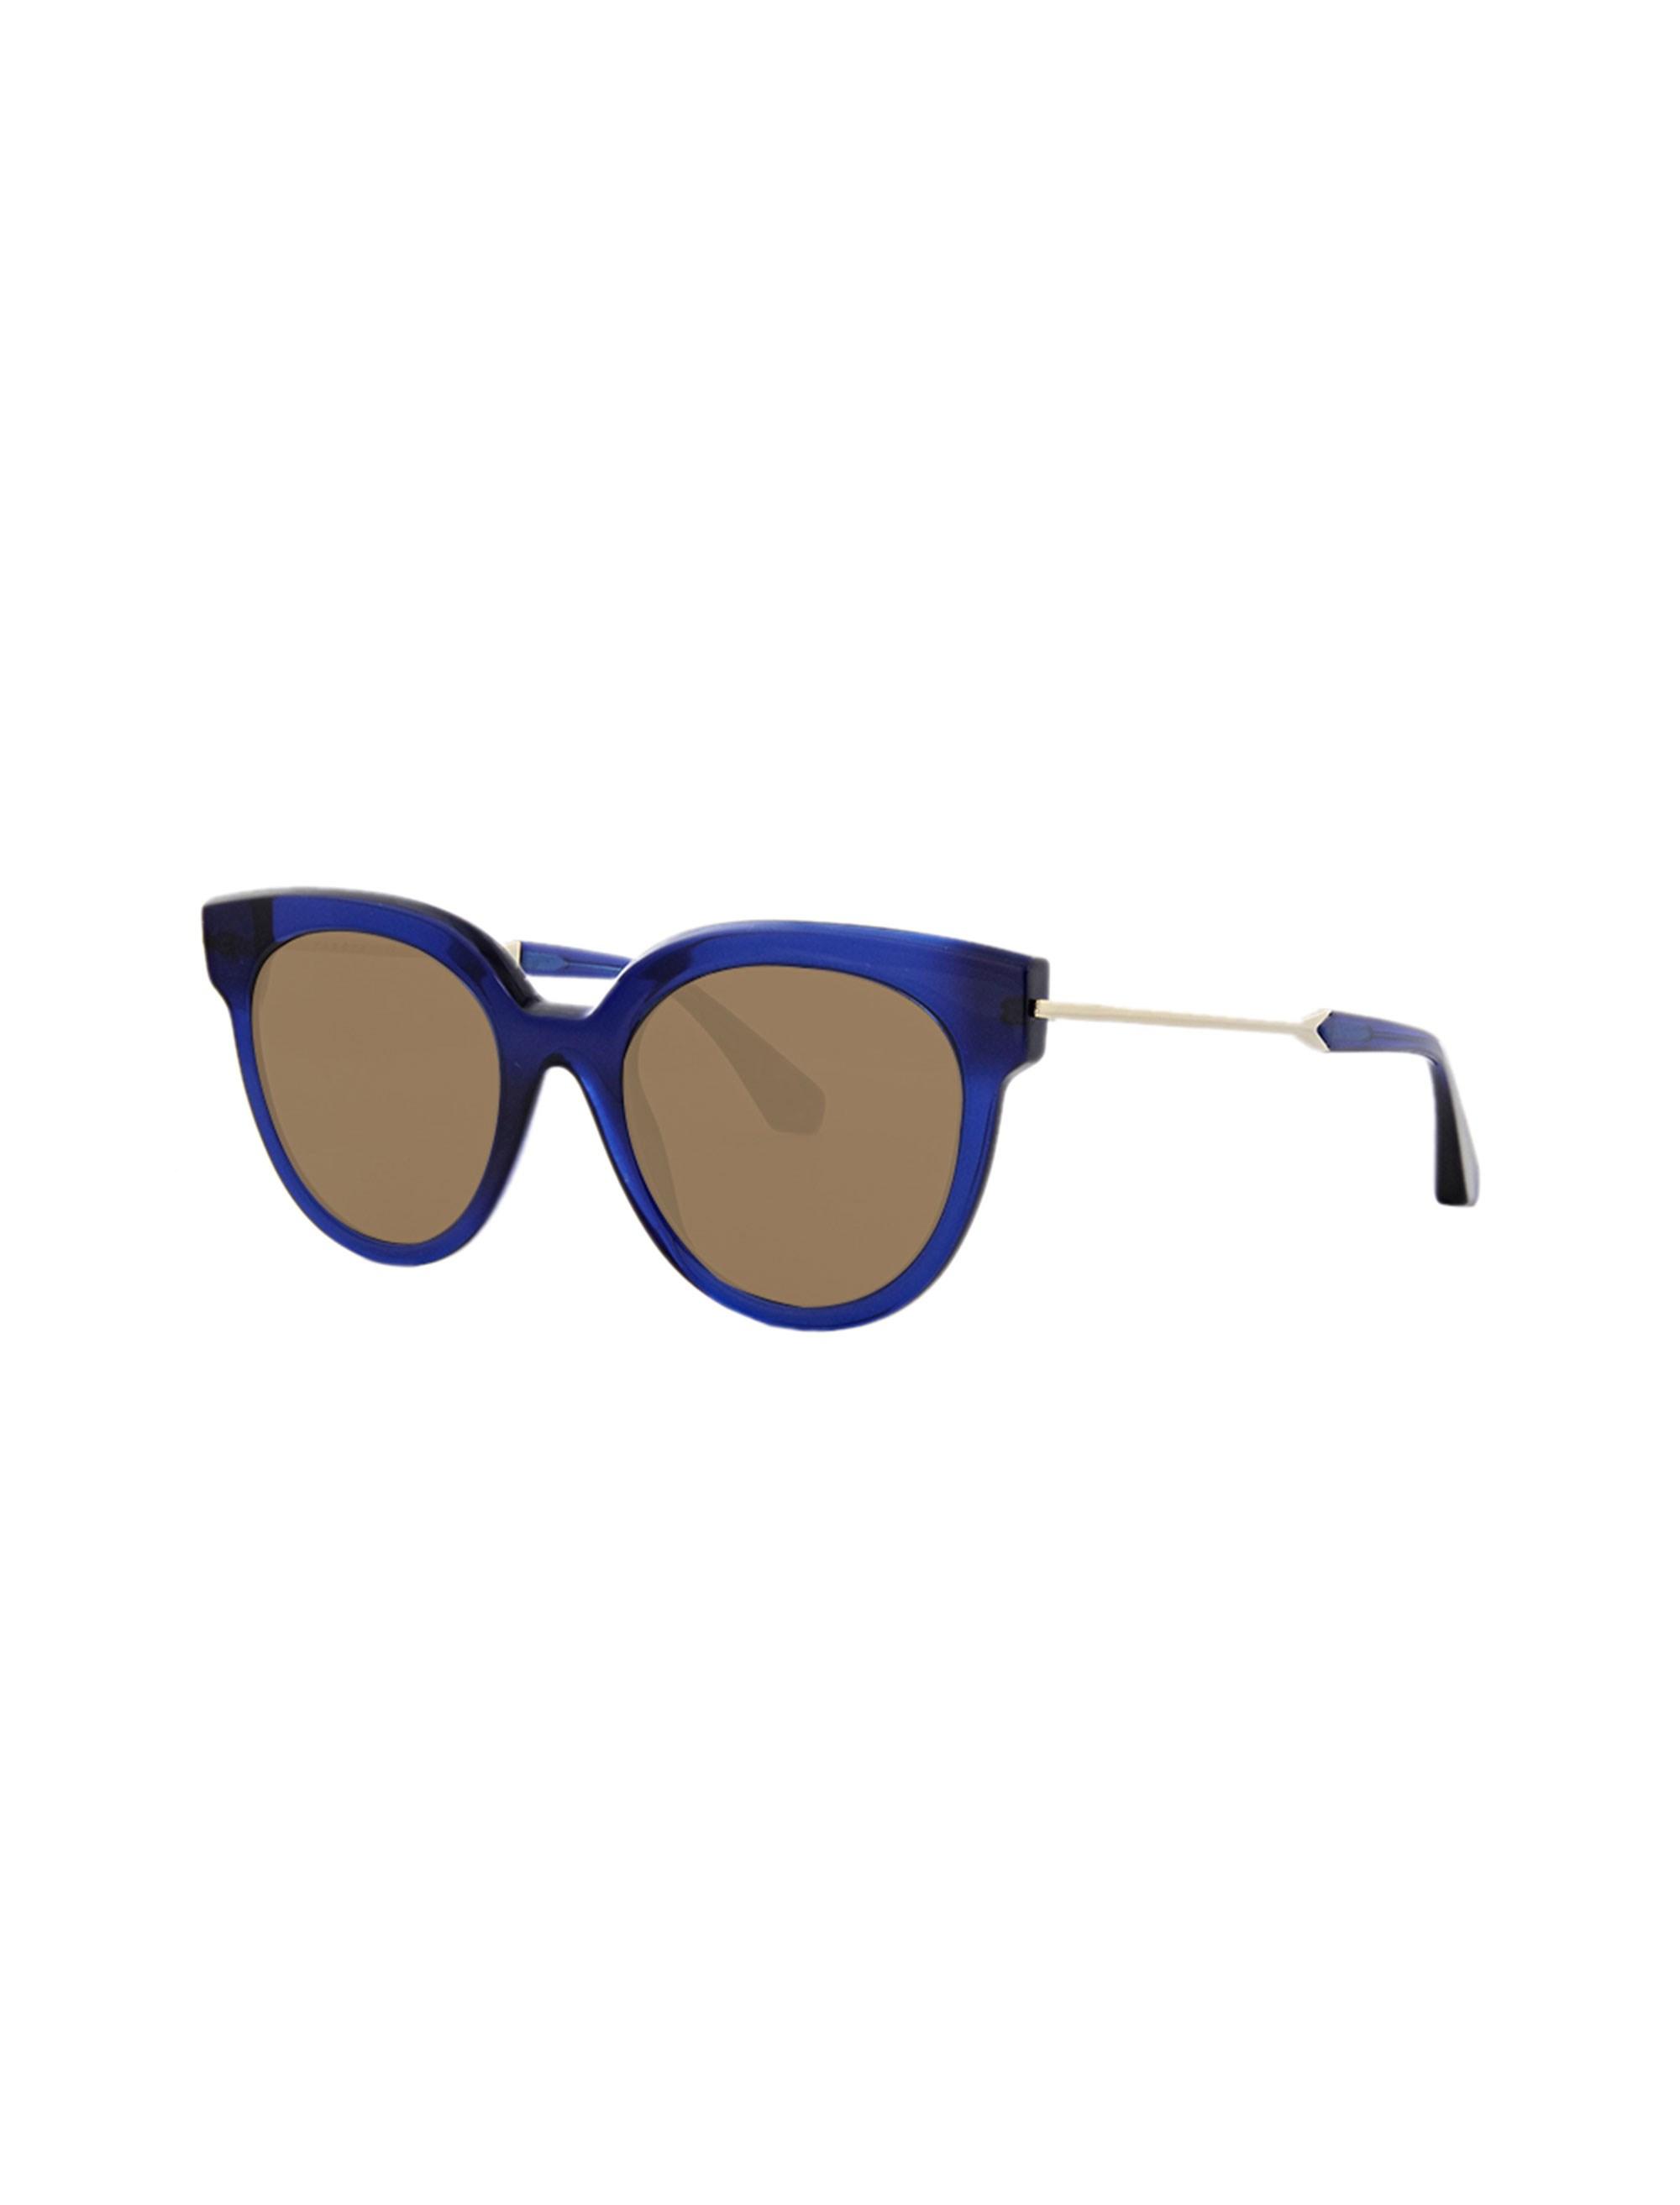 عینک آفتابی پنتوس زنانه - ساندرو